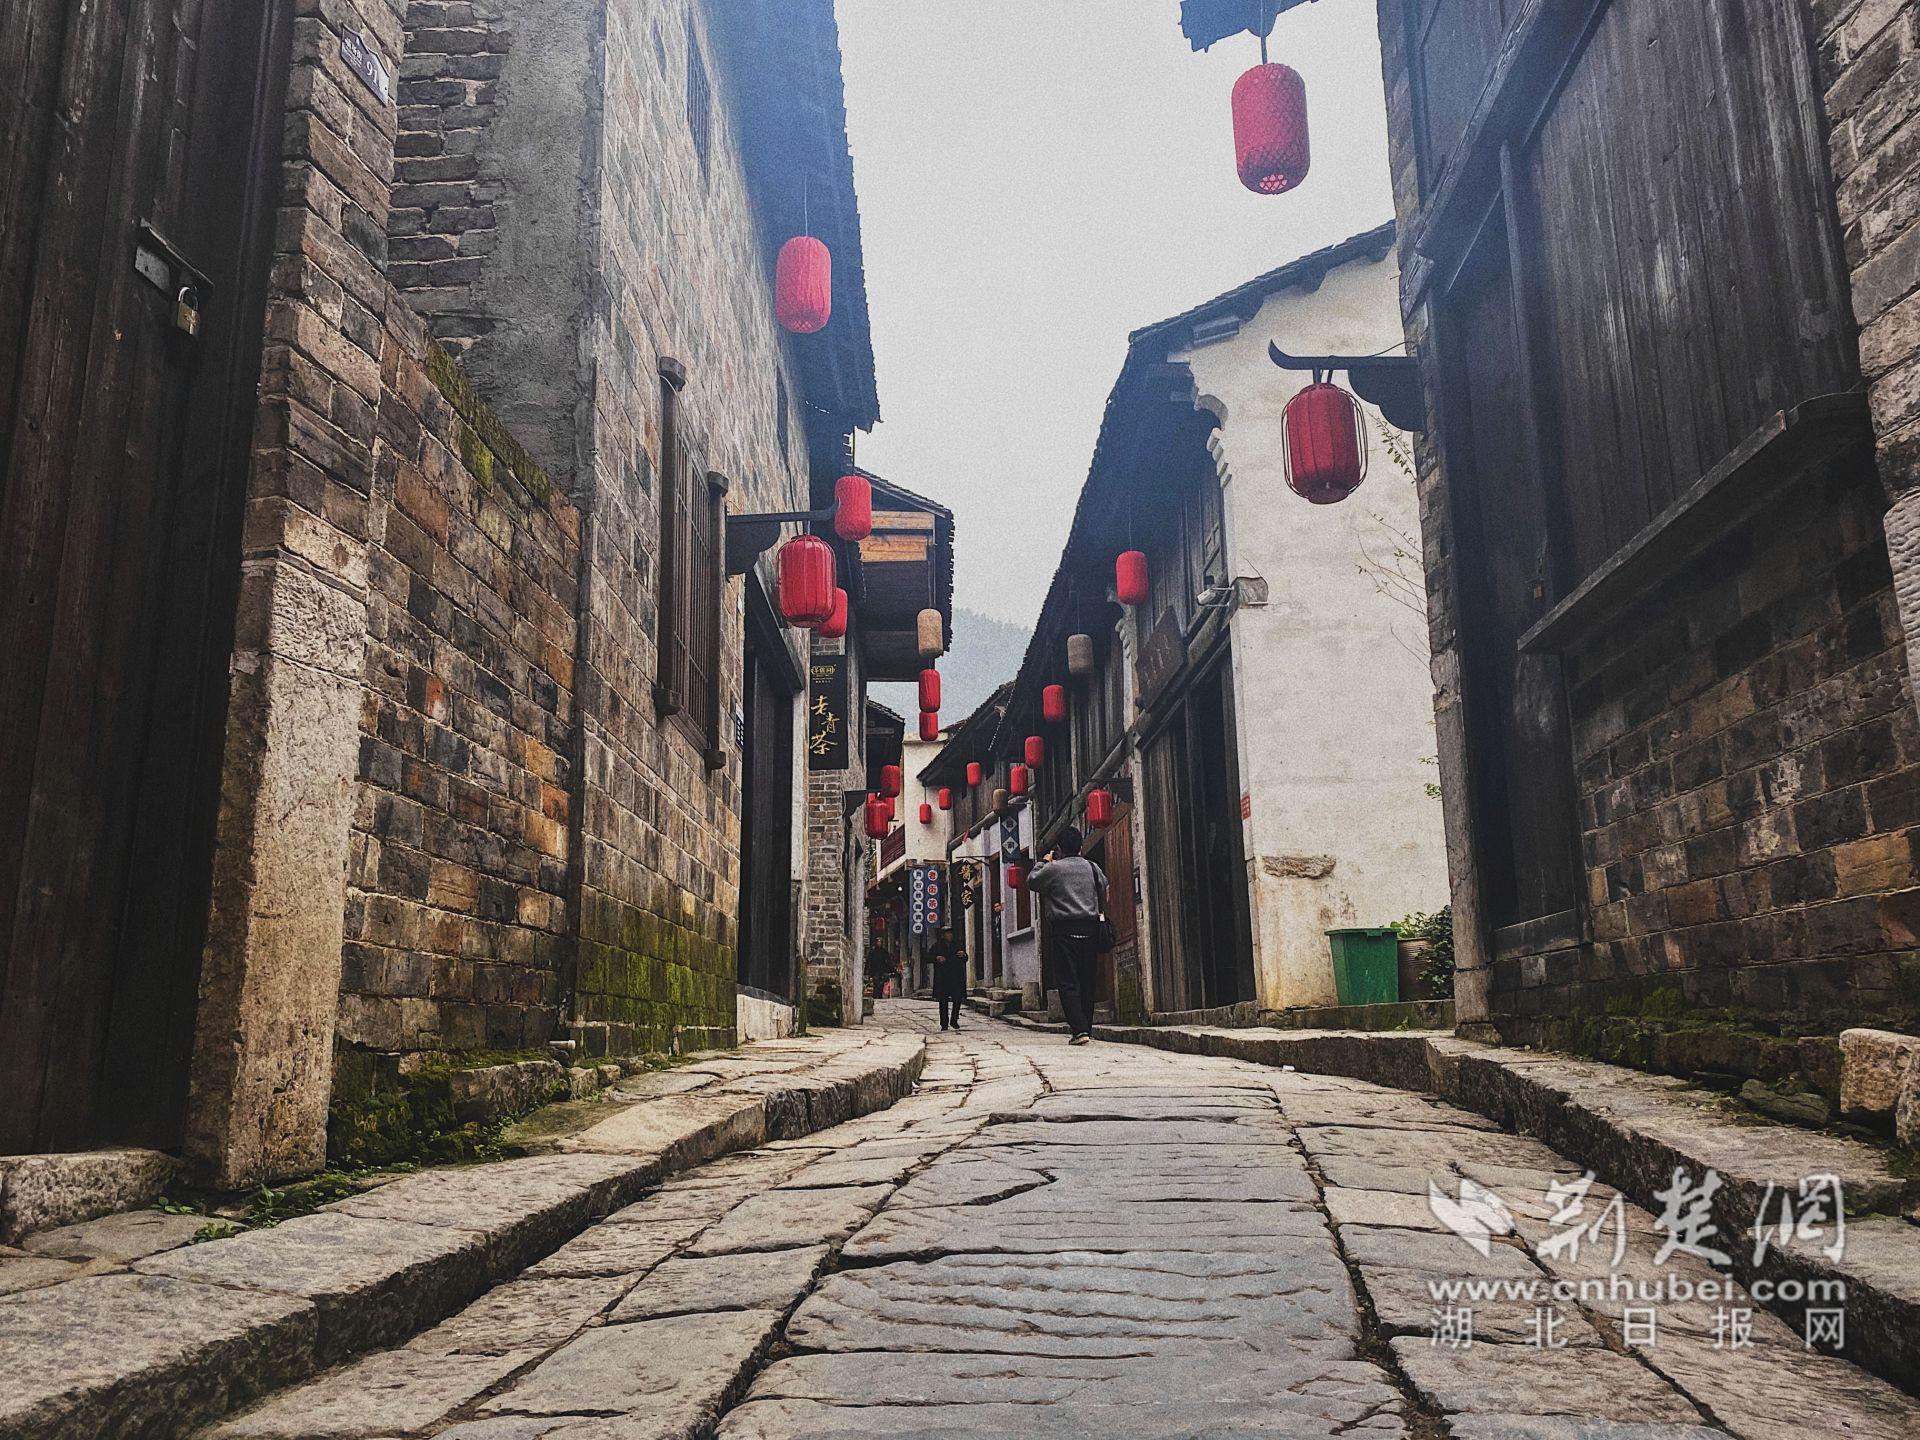 【决胜之年看湖北·咸宁行】赤壁青砖茶从历史飘香未来